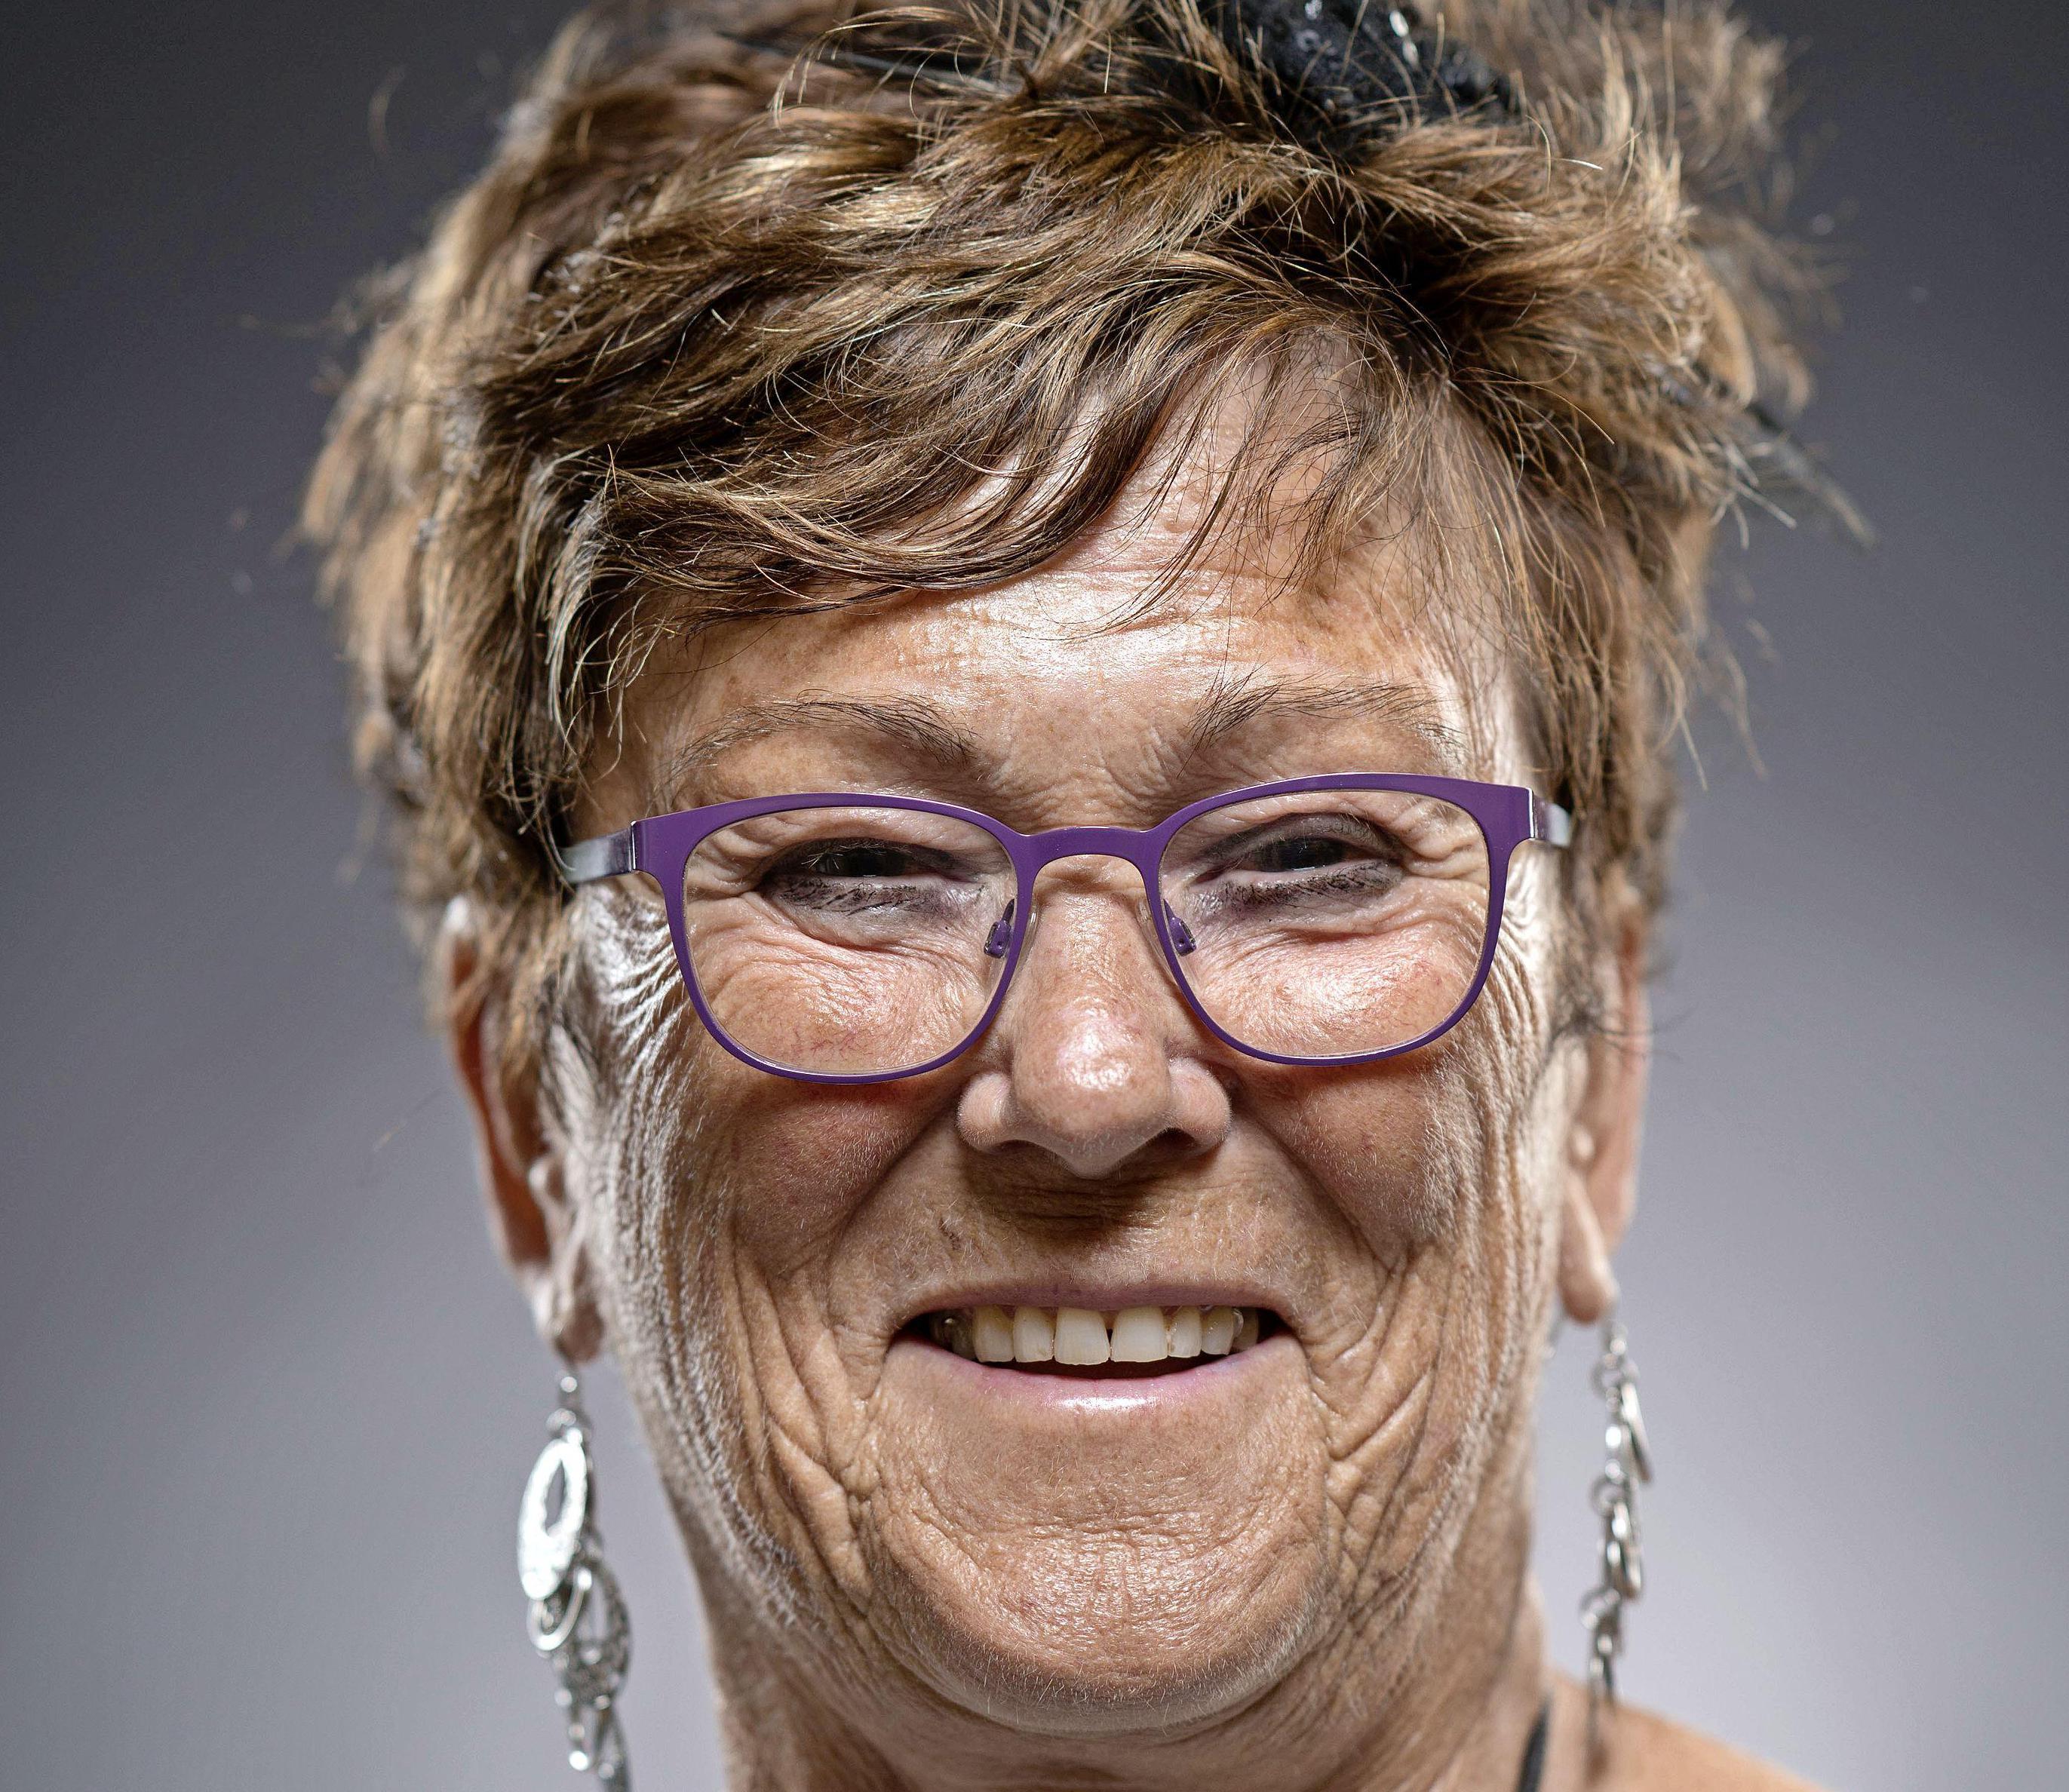 Lokaal team moet financieel misbruik van ouderen in Den Helder aanpakken, vindt Senioren Actief